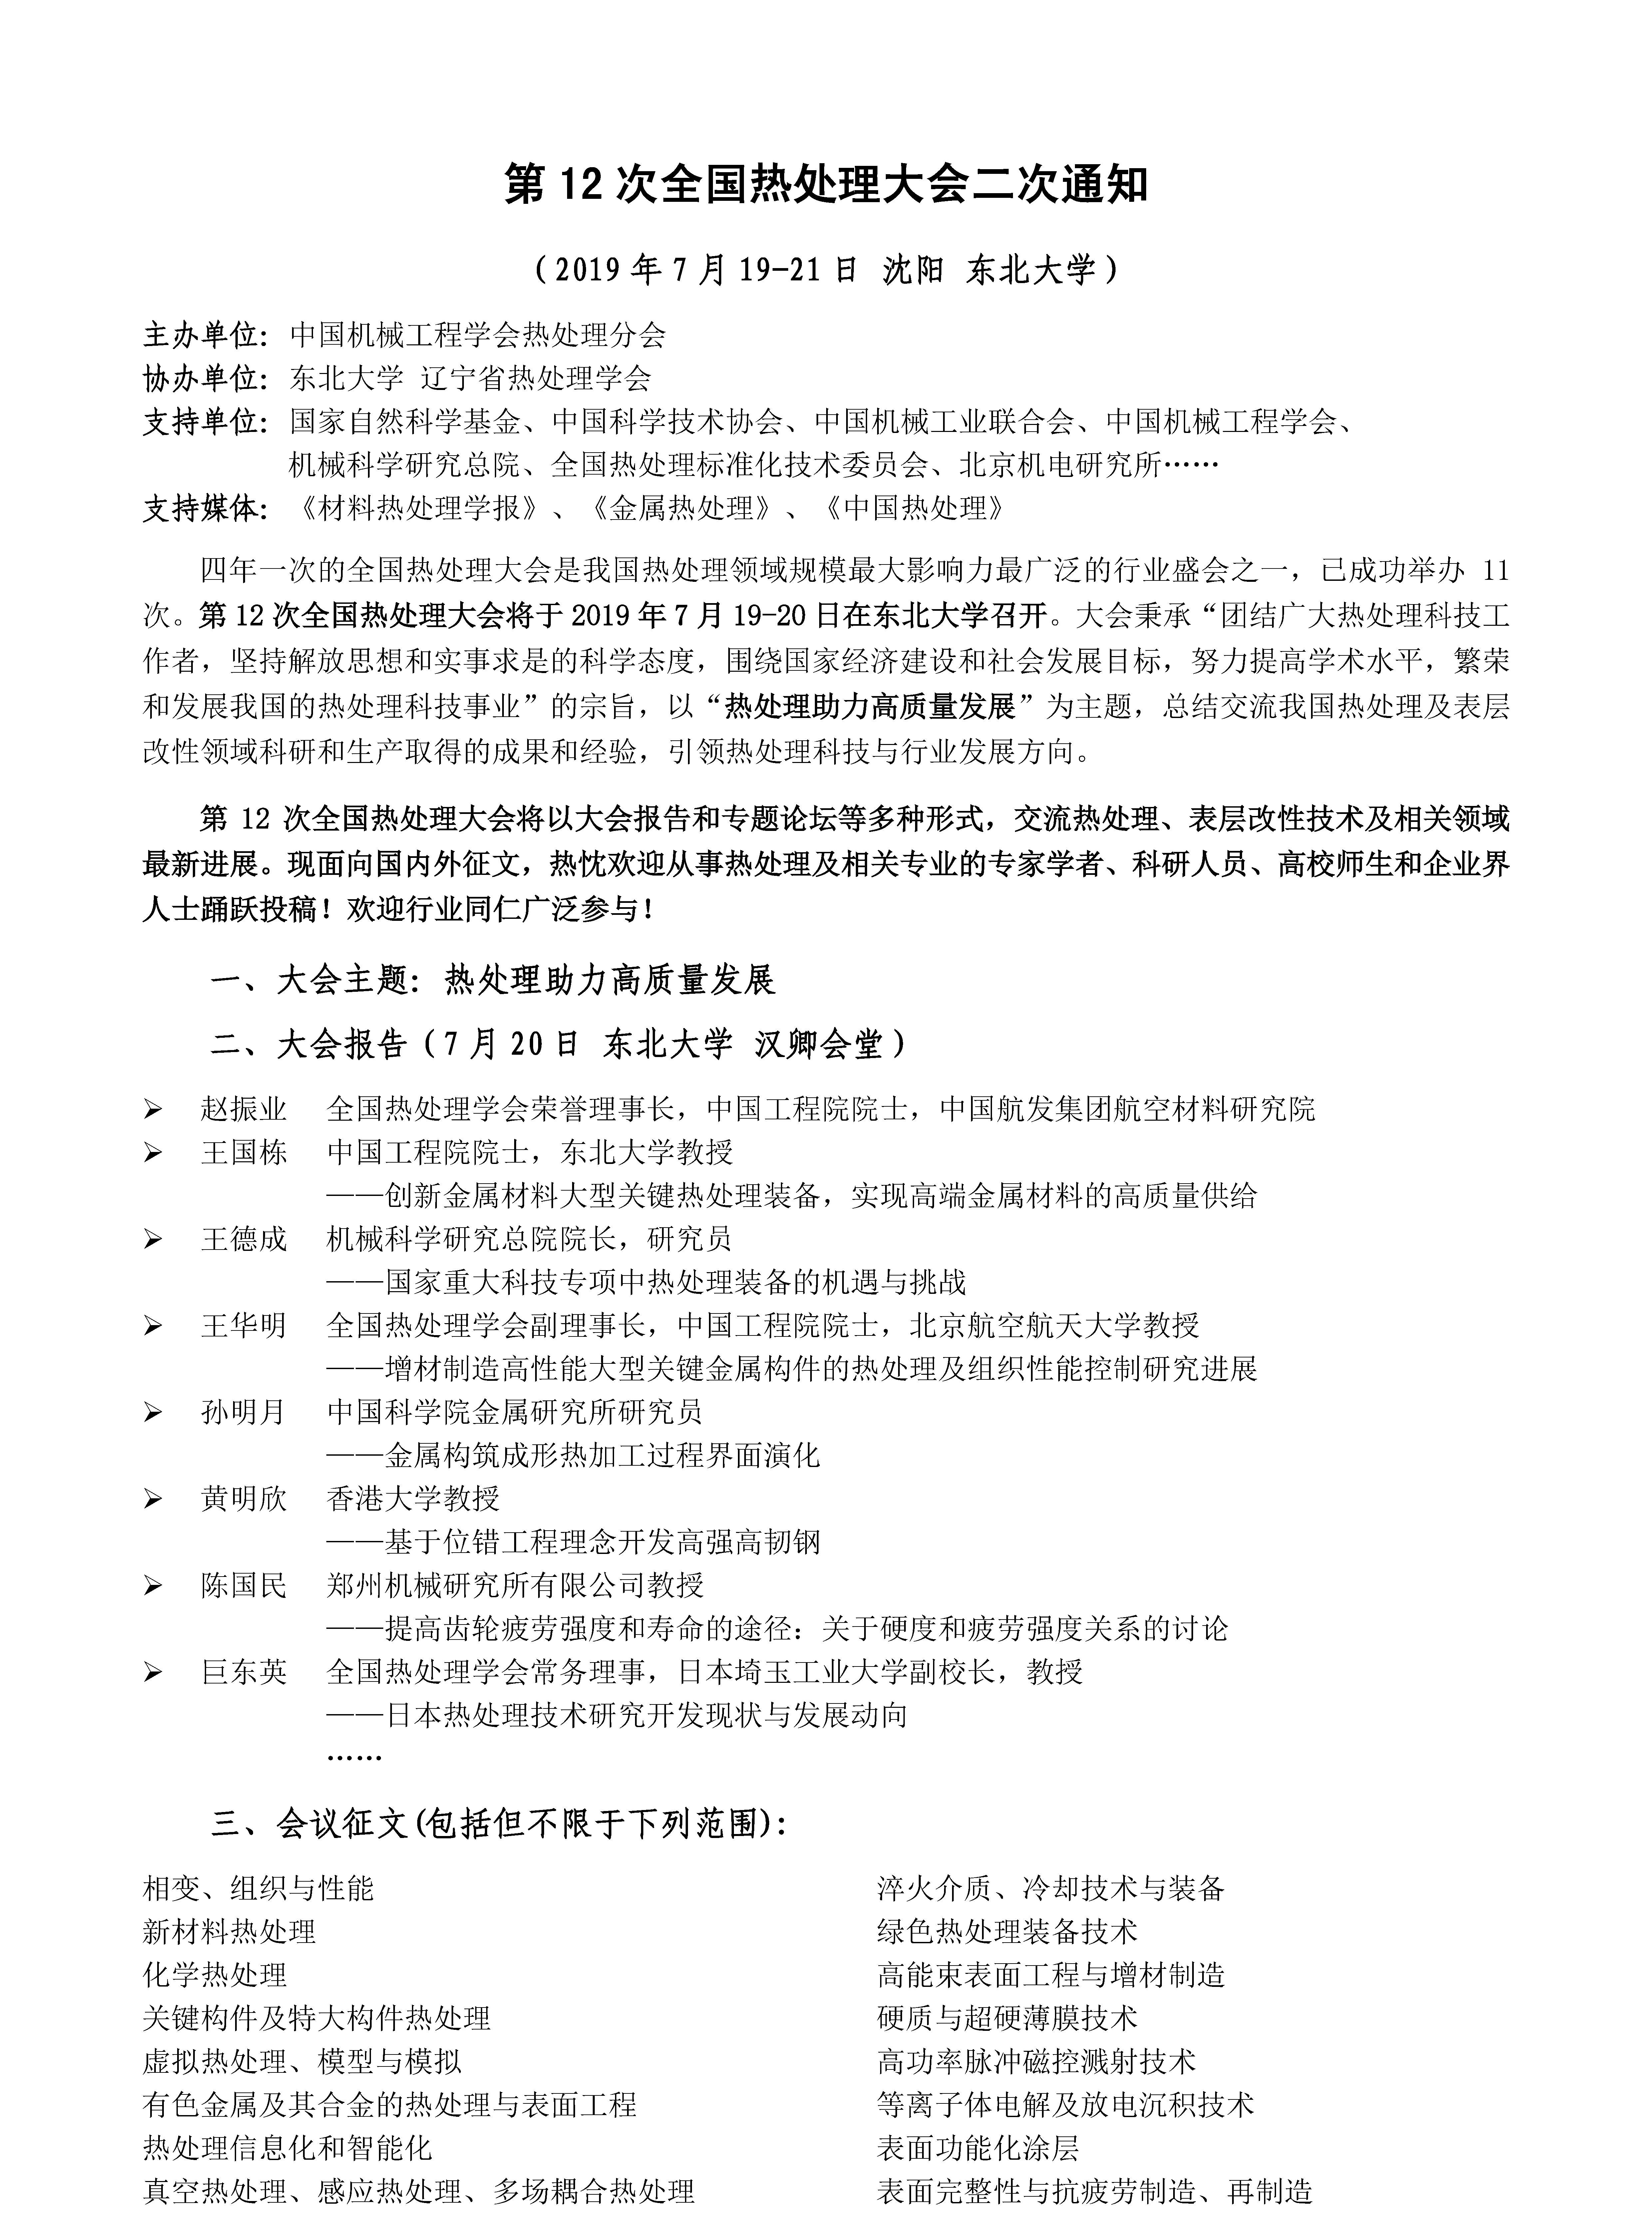 第12次全国新宝6测速登陆大会二次通知修改网站版本_Page1.png